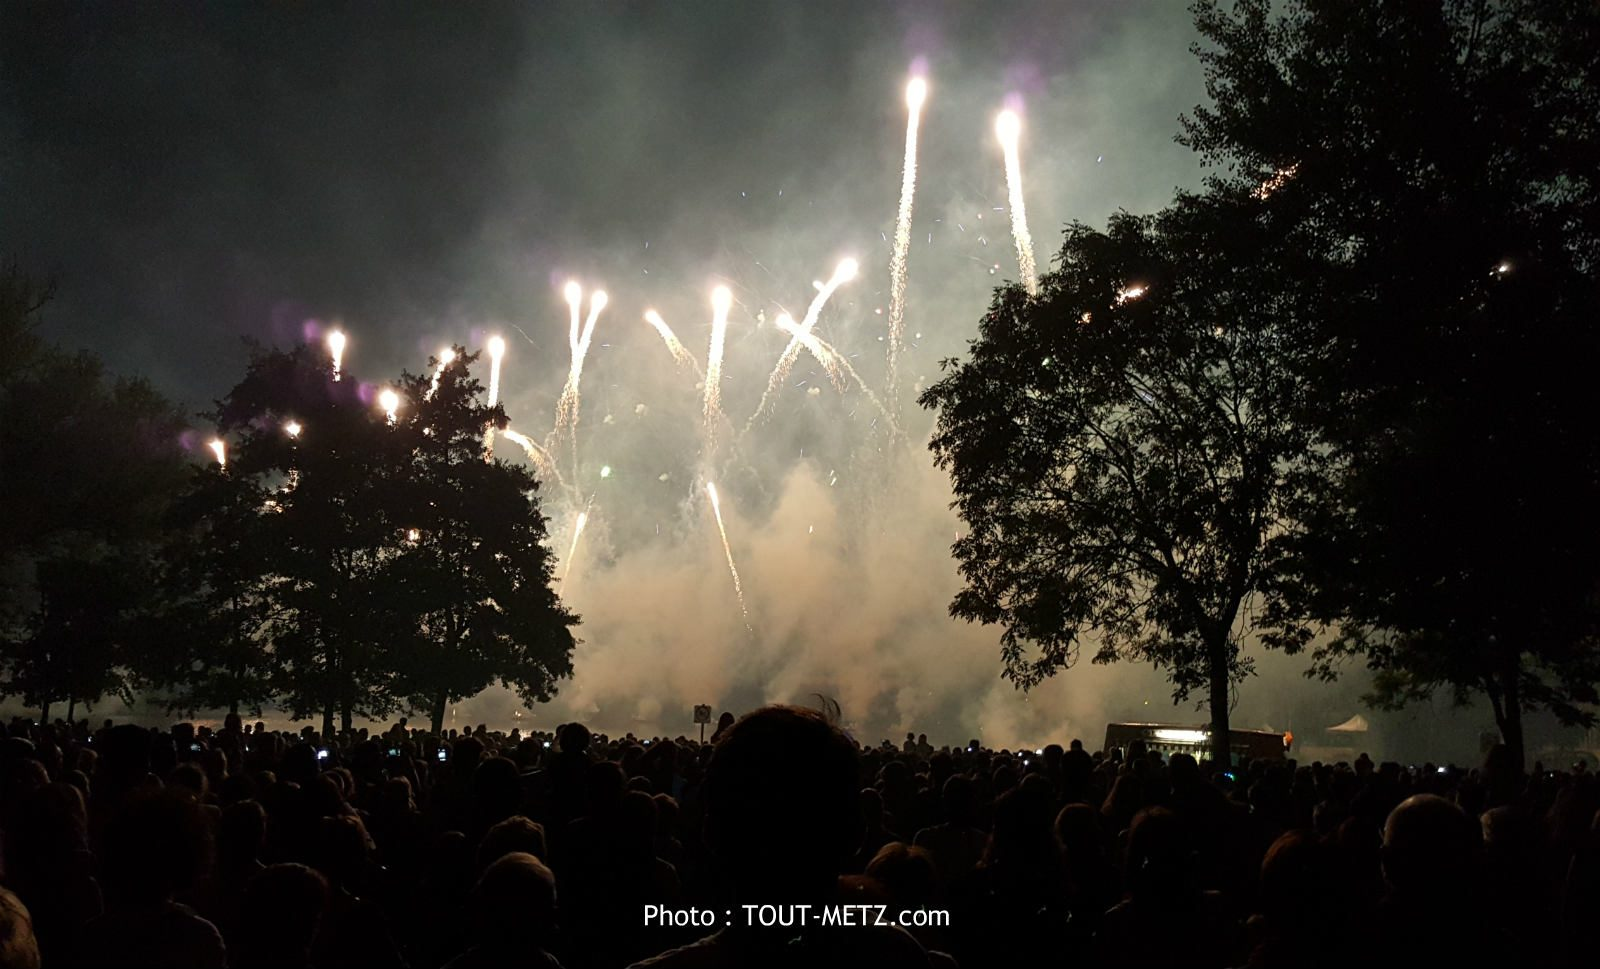 Photo de A ne pas manquer à Metz, le feu d'artifice des Fêtes de la Mirabelle